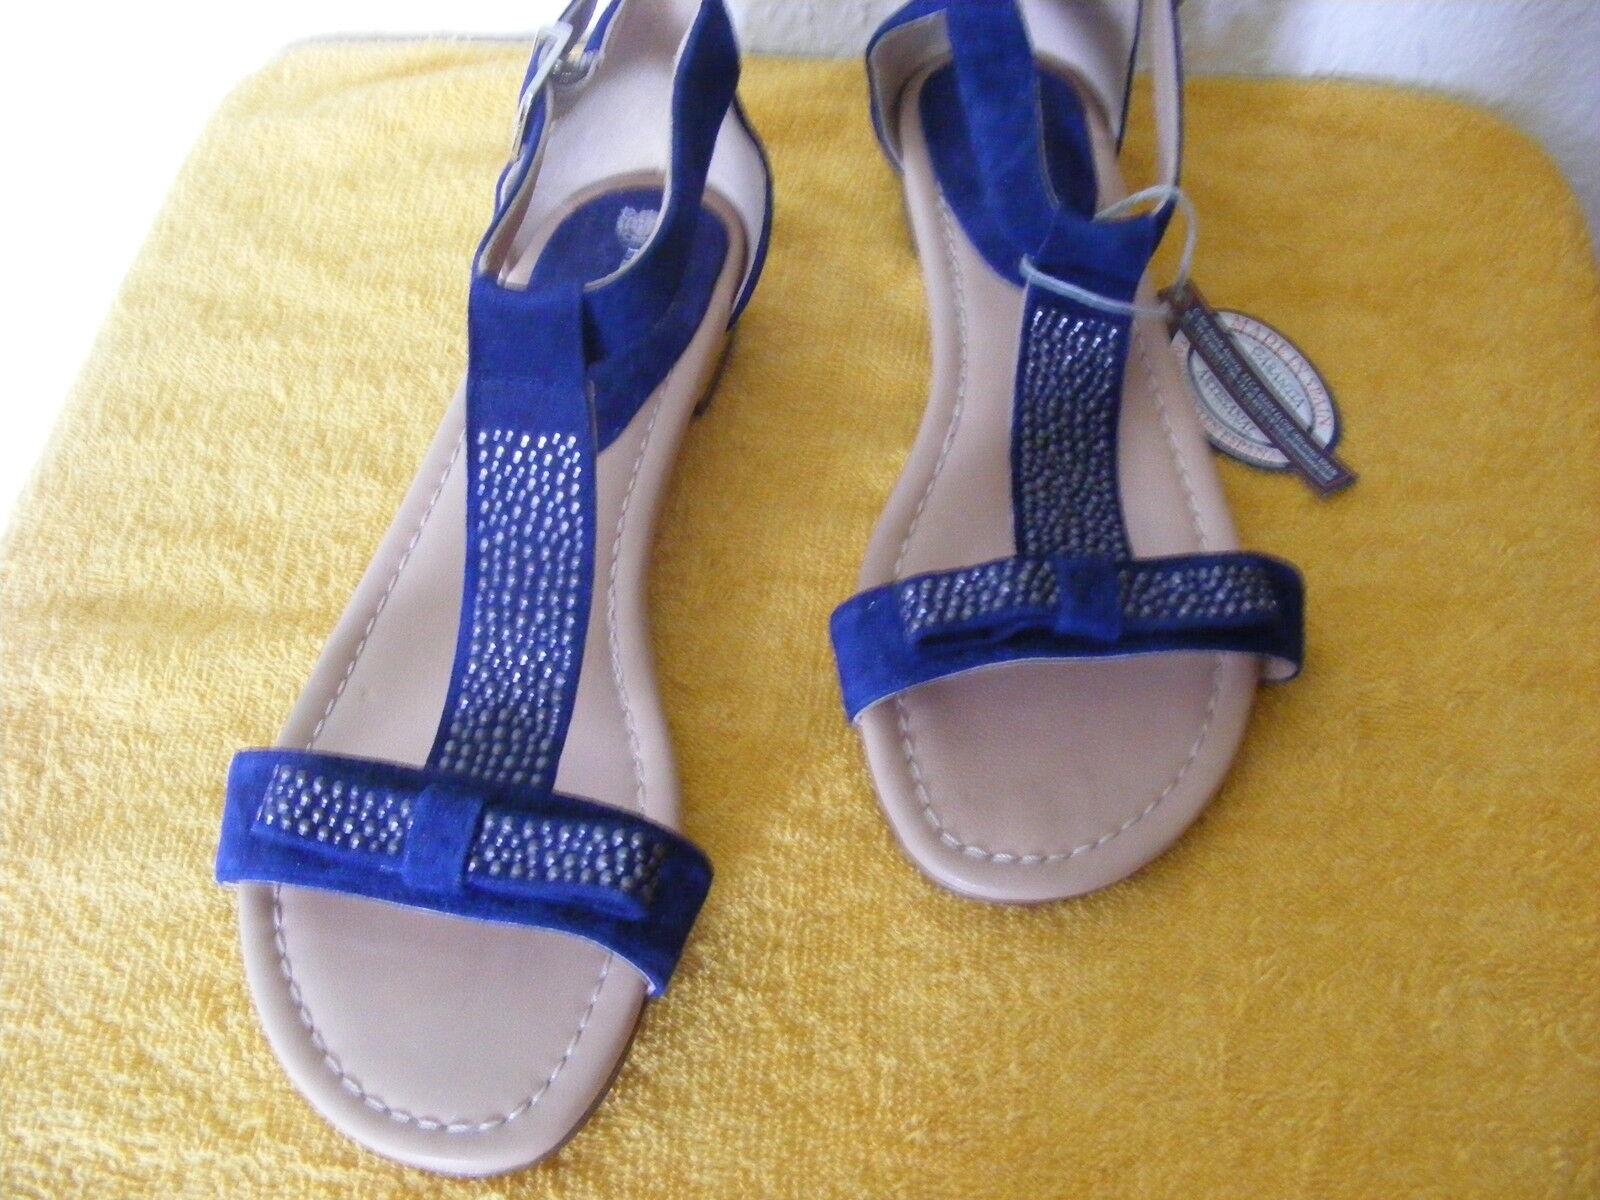 NEU Gr. 38 blaue edle Sandalen flach blau hochwertig neu PEDRO MIRALLES